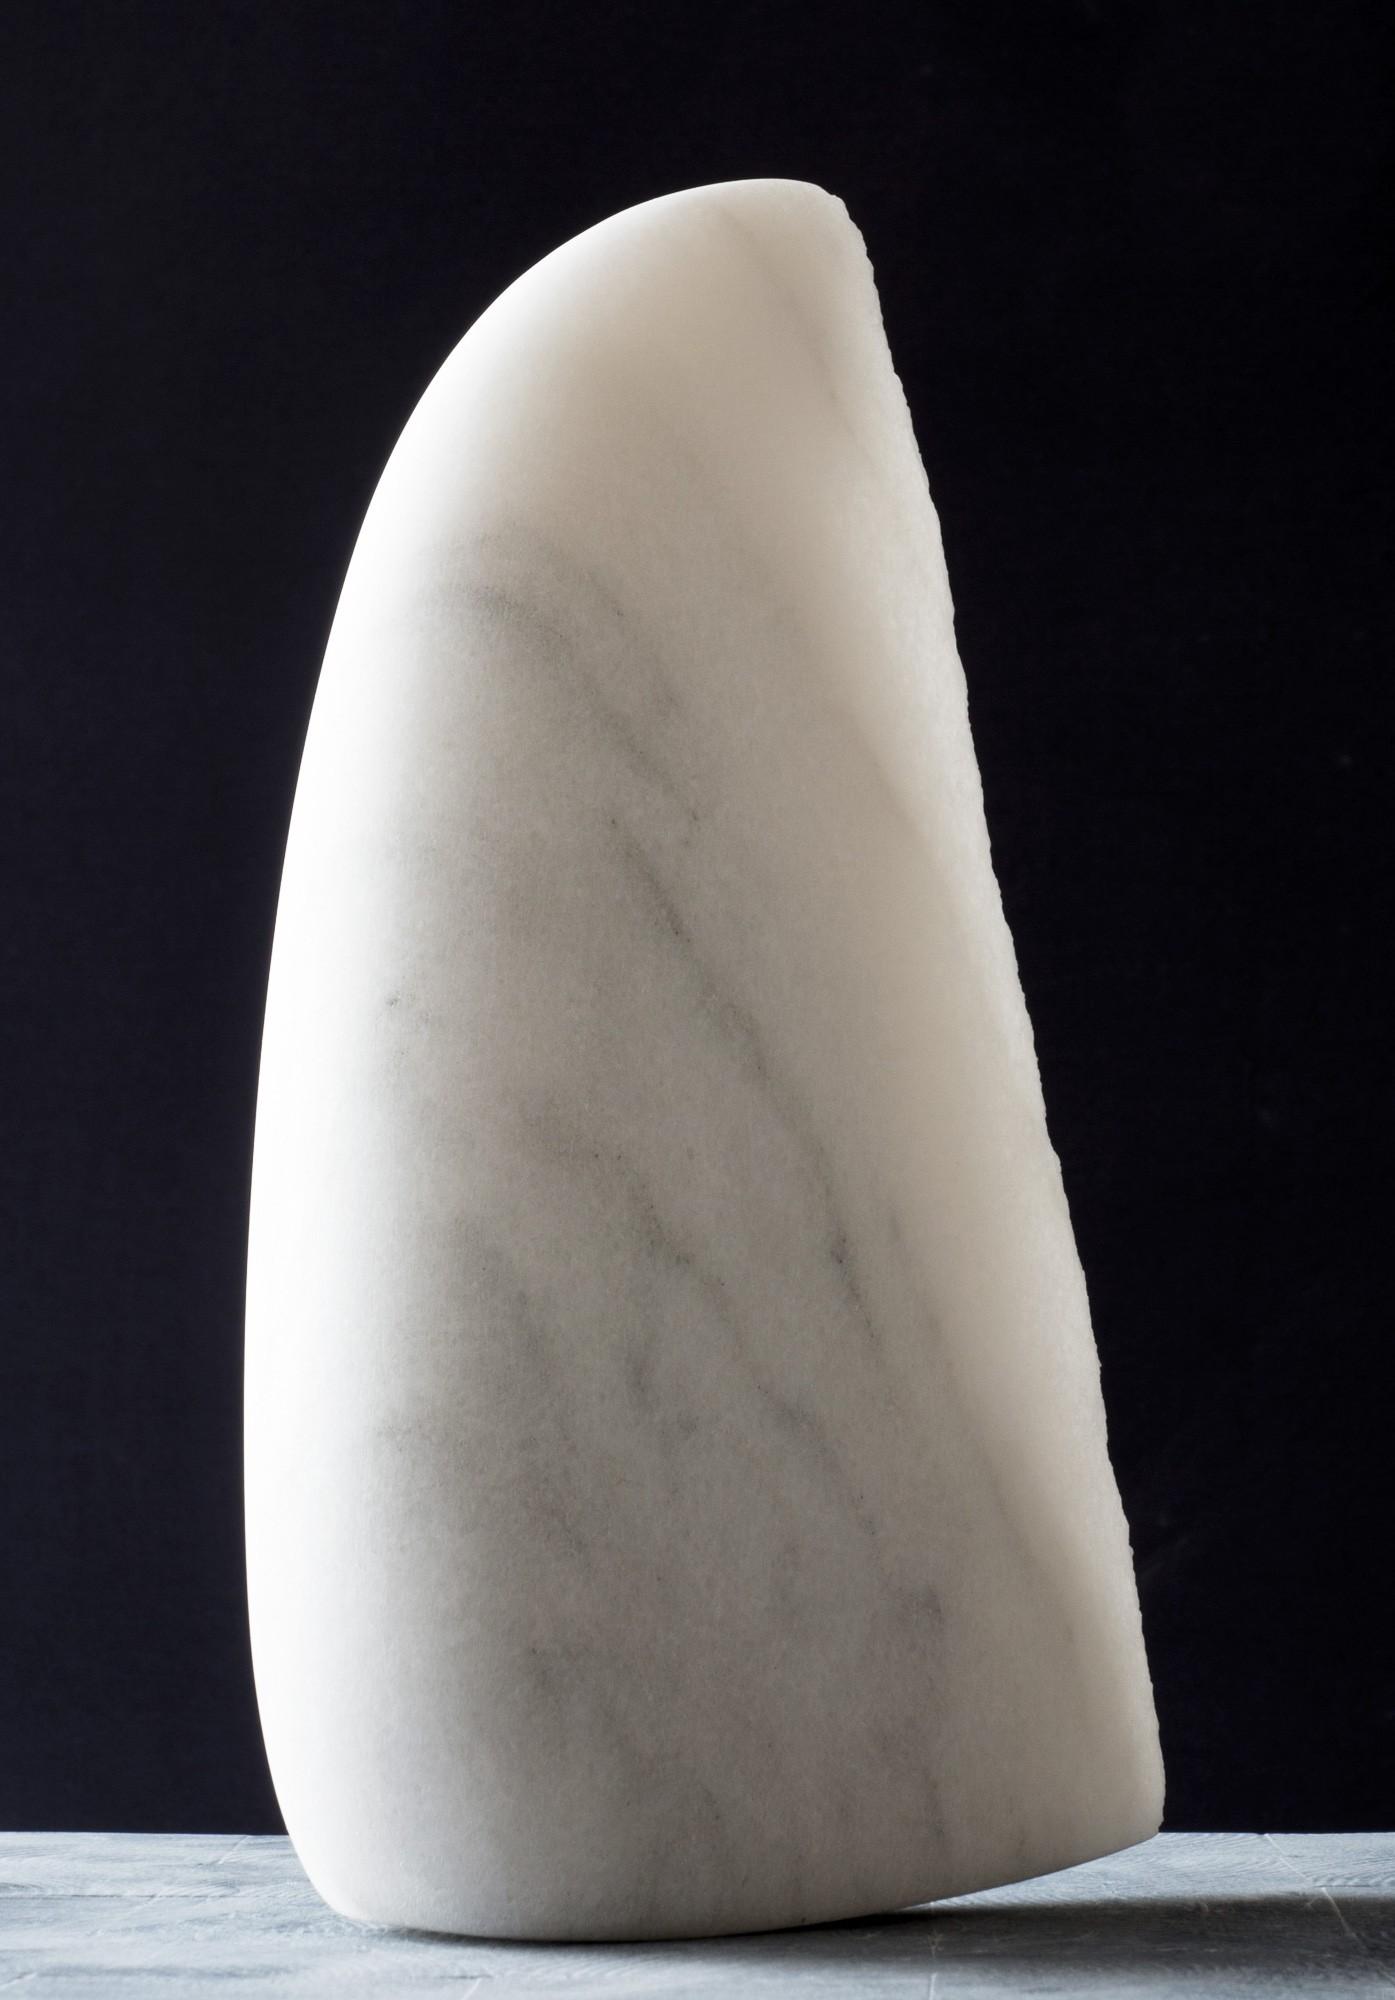 Kleiner Flügel, Stein Skulptur aus Marmor von Bildhauer Klaus W. Rieck (4)